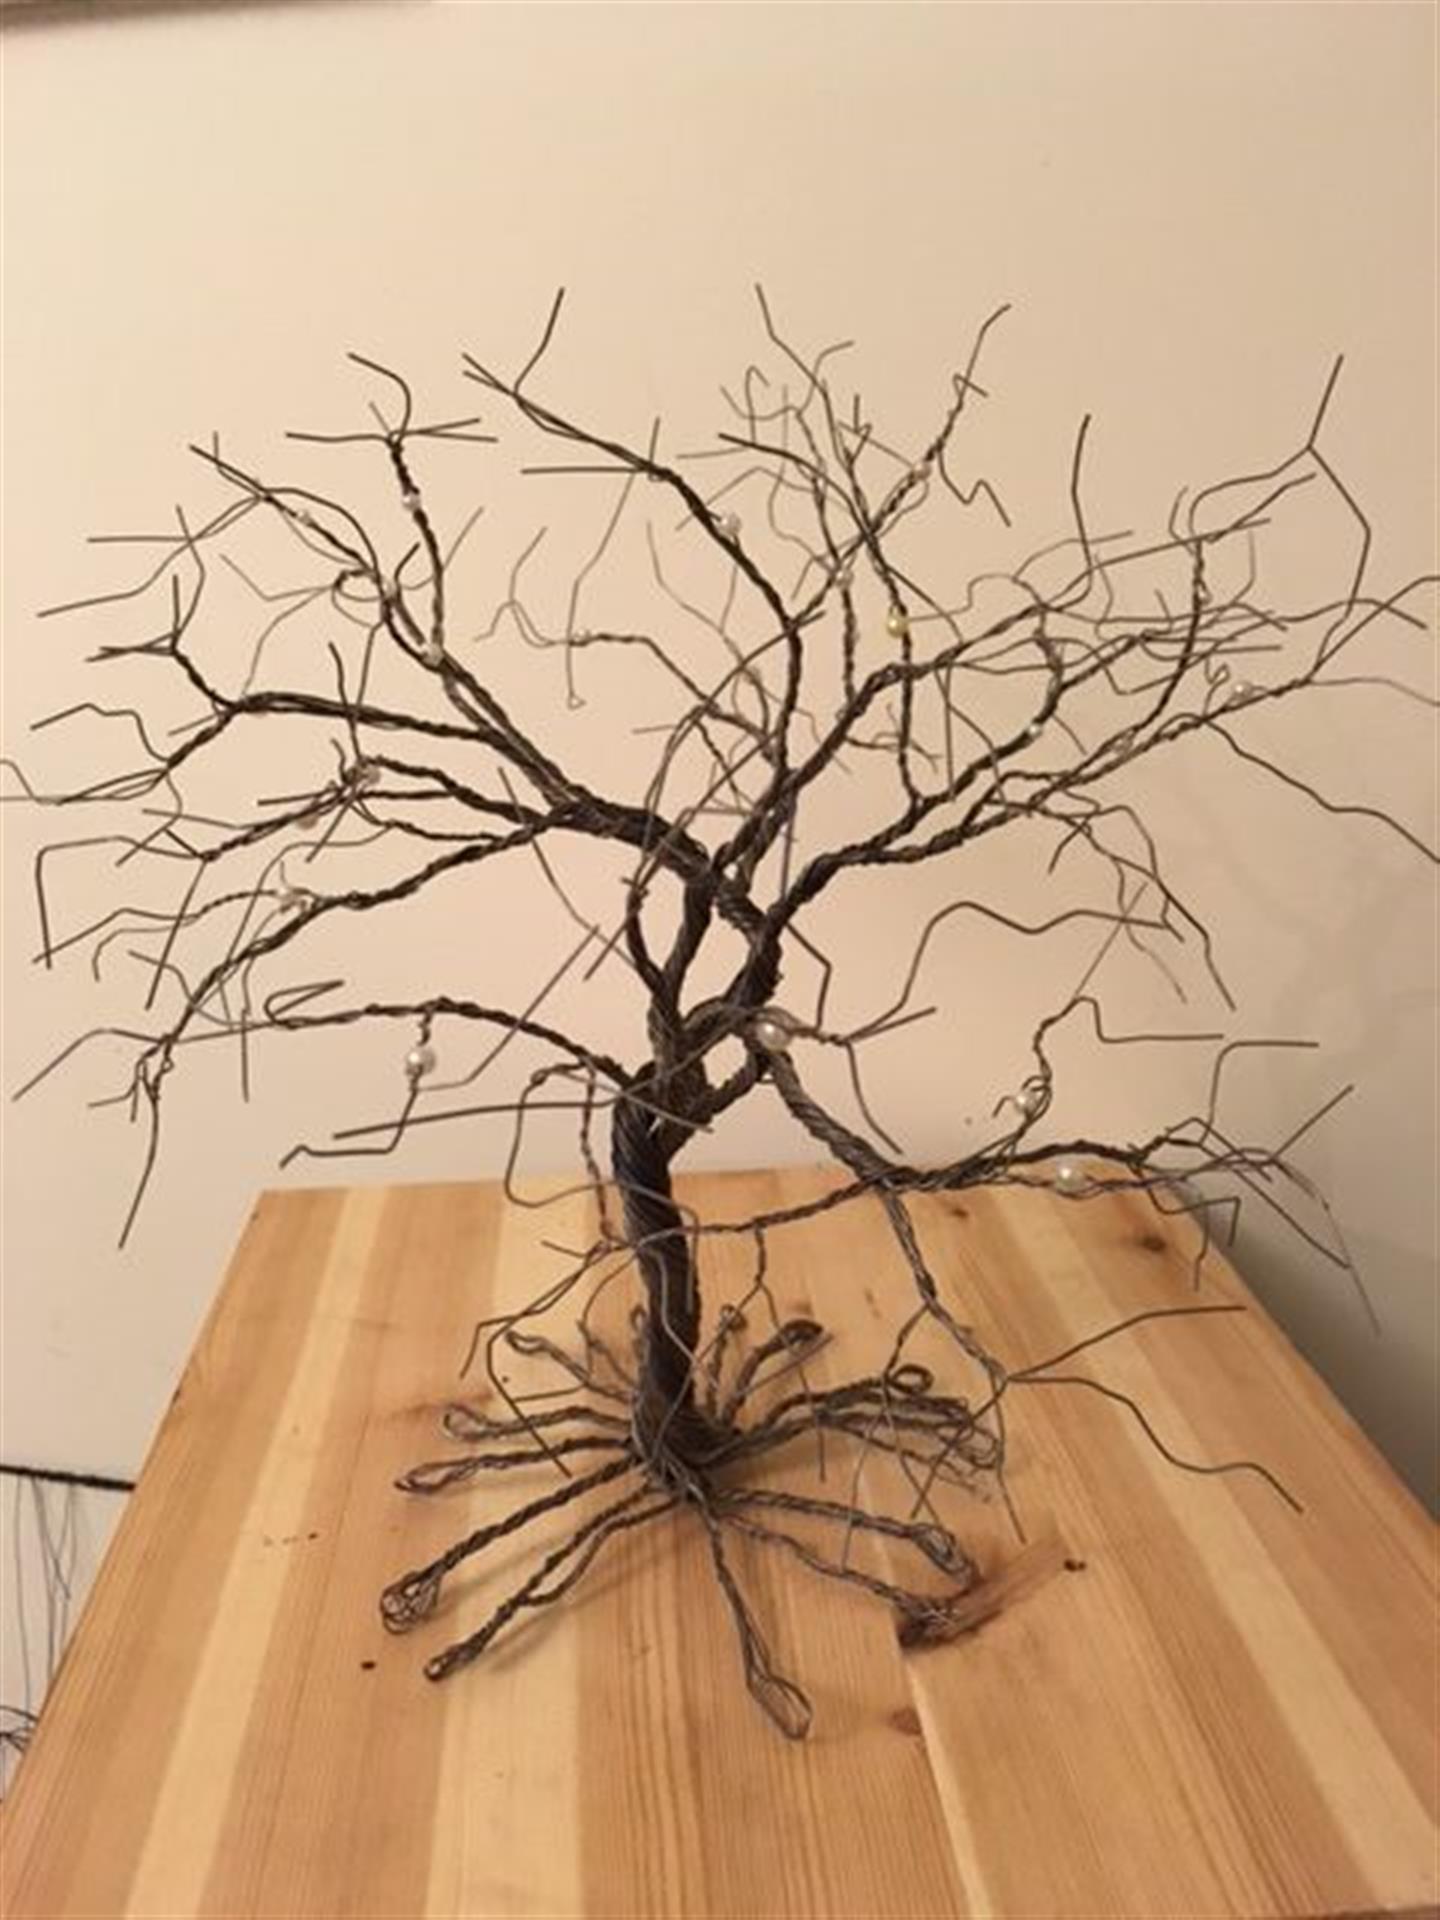 WIRE-WORK TREE WORKSHOP